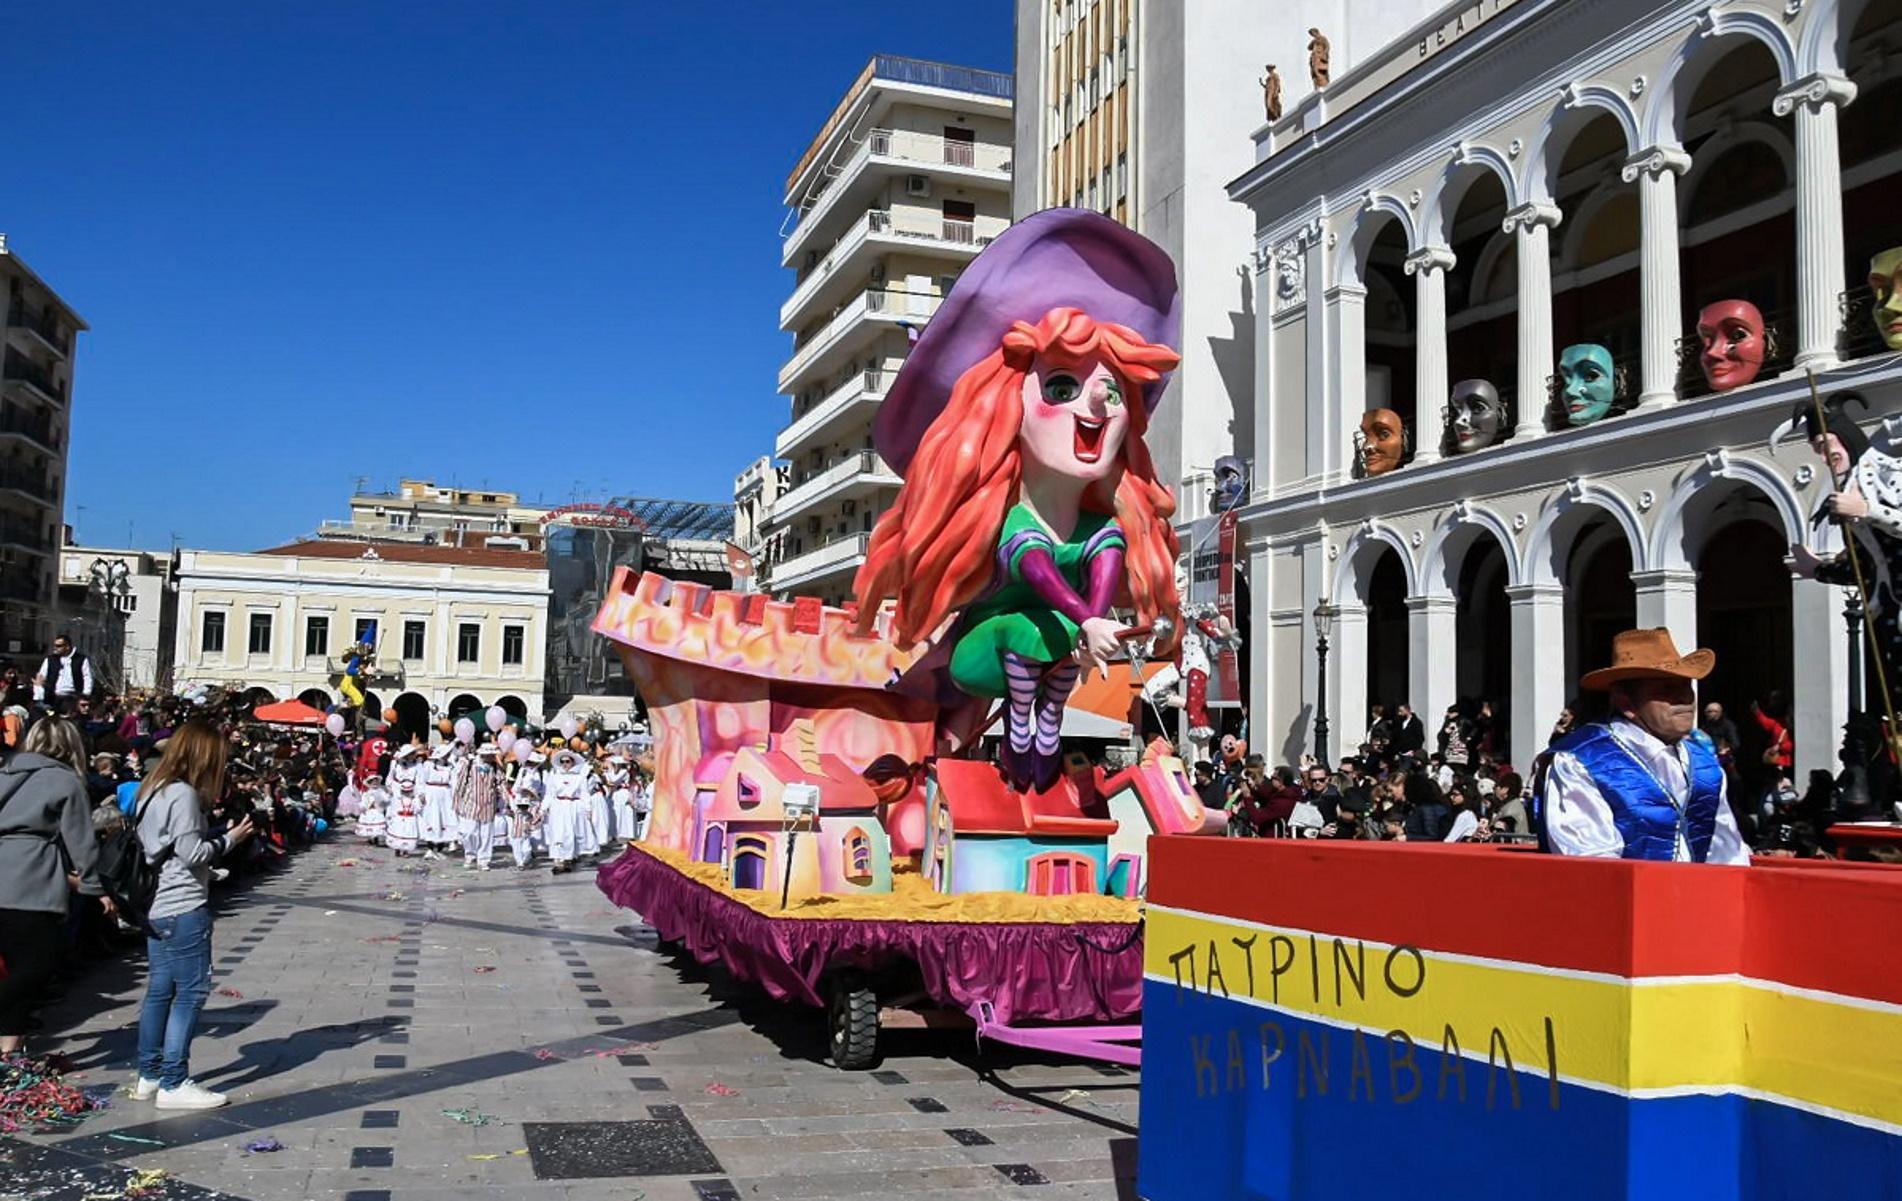 Πατρινό Καρναβάλι 2021 τέλος λόγω κορονοϊού: Πώς θα γιορταστεί